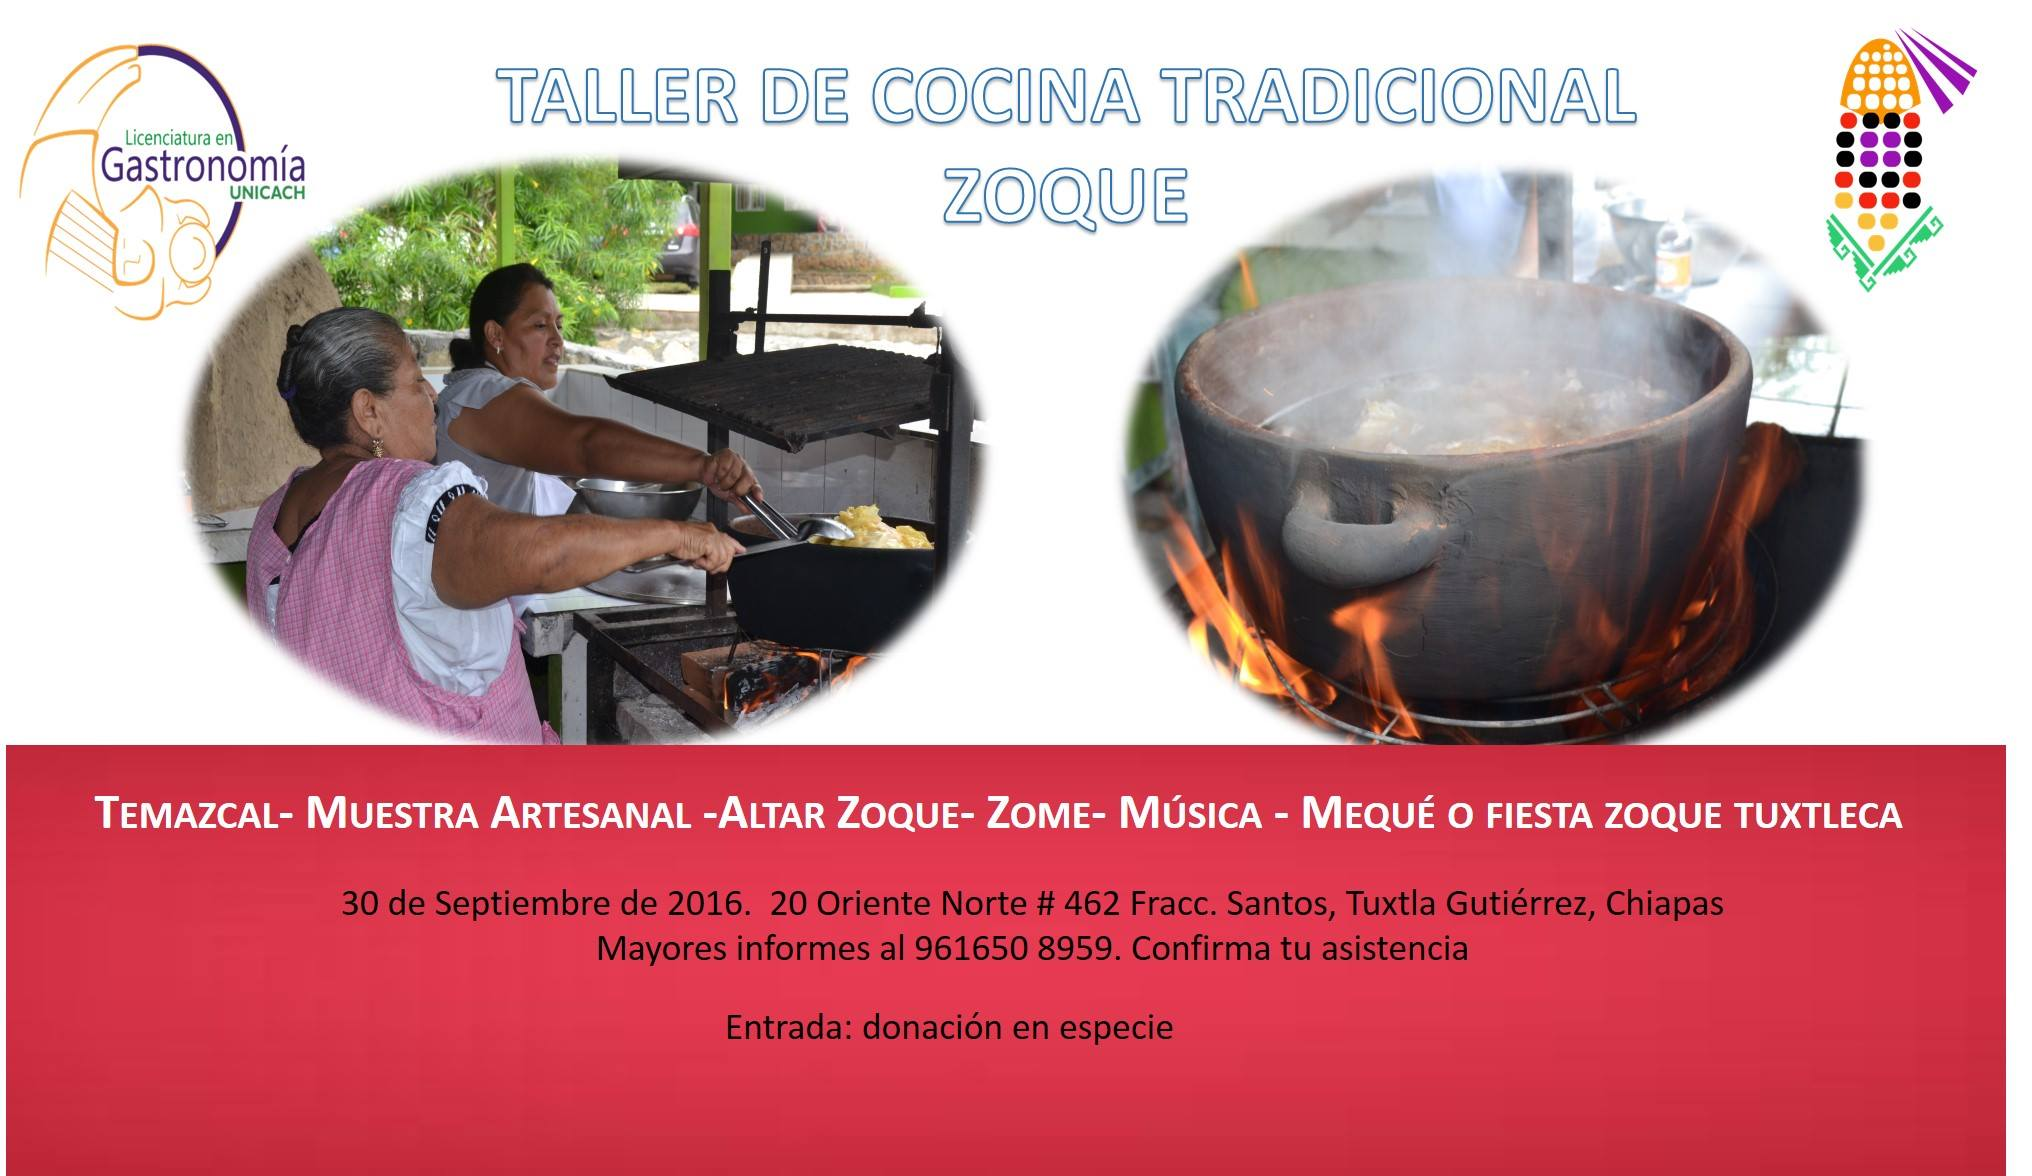 taller de cocina tradicional zoque